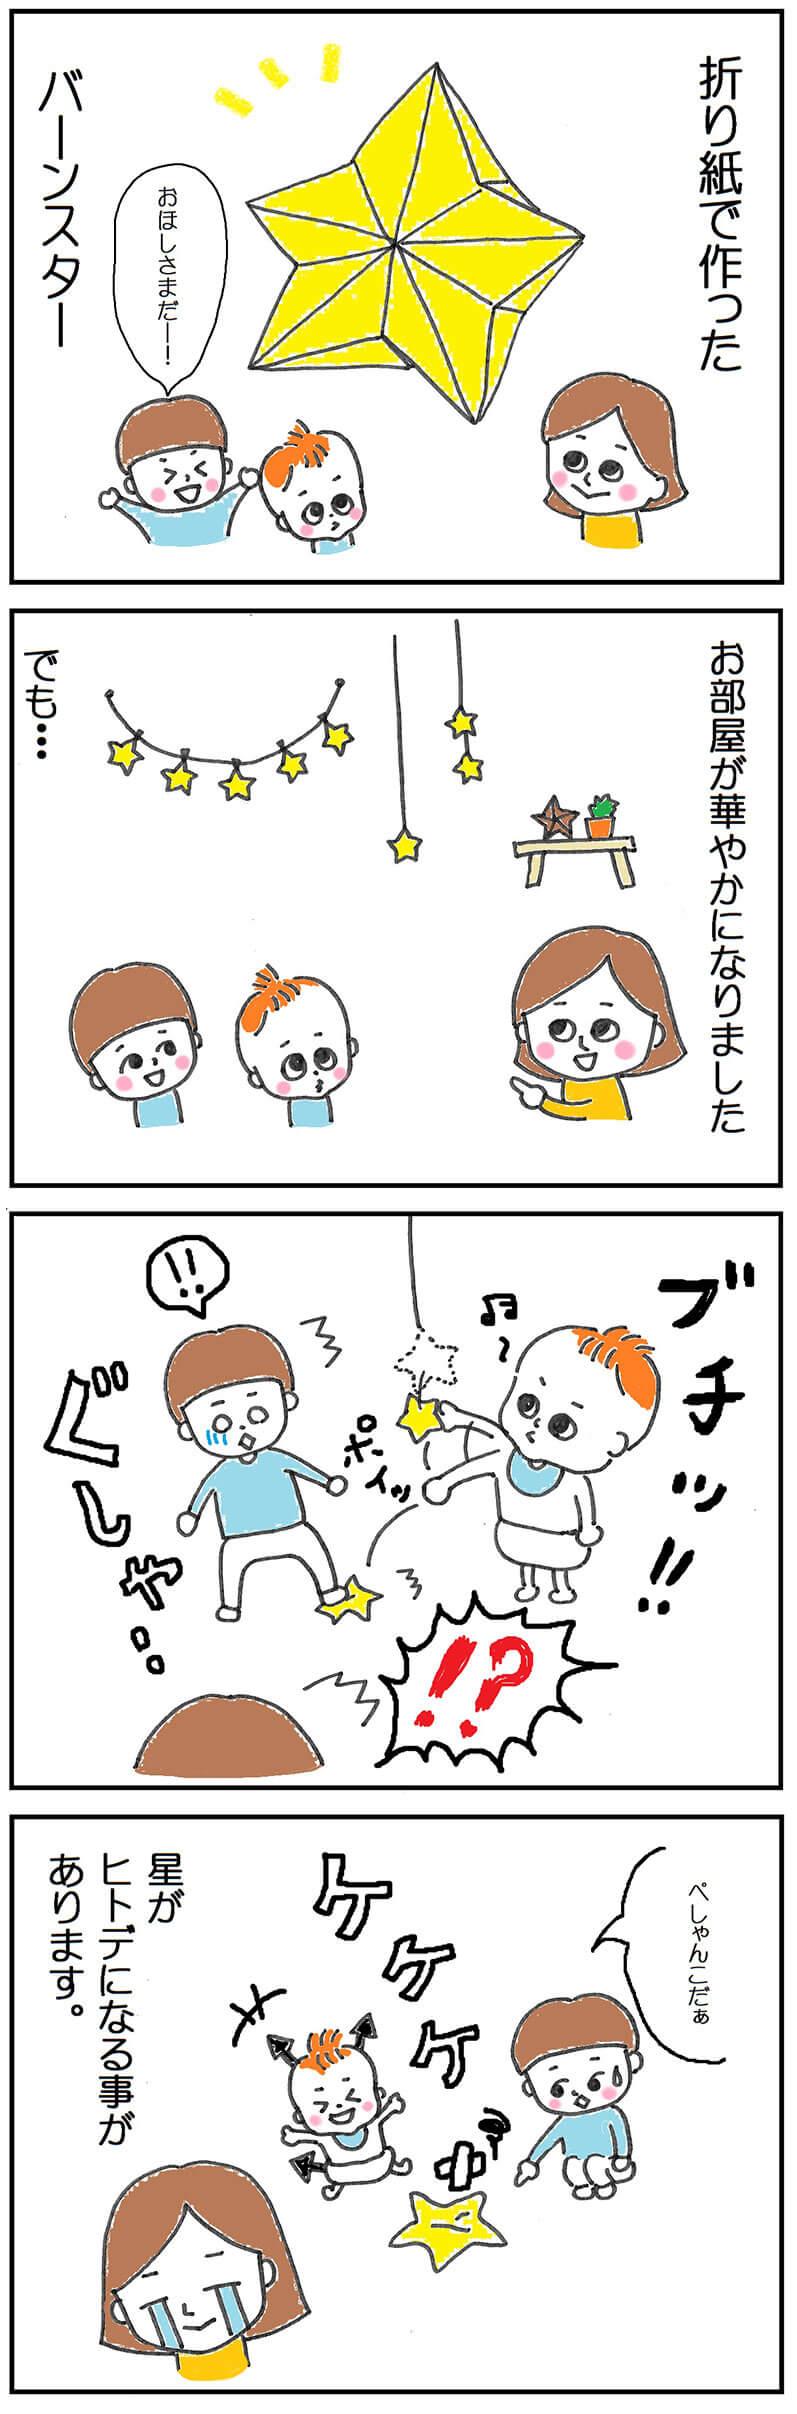 折り紙バーンスターの子育て4コマ漫画